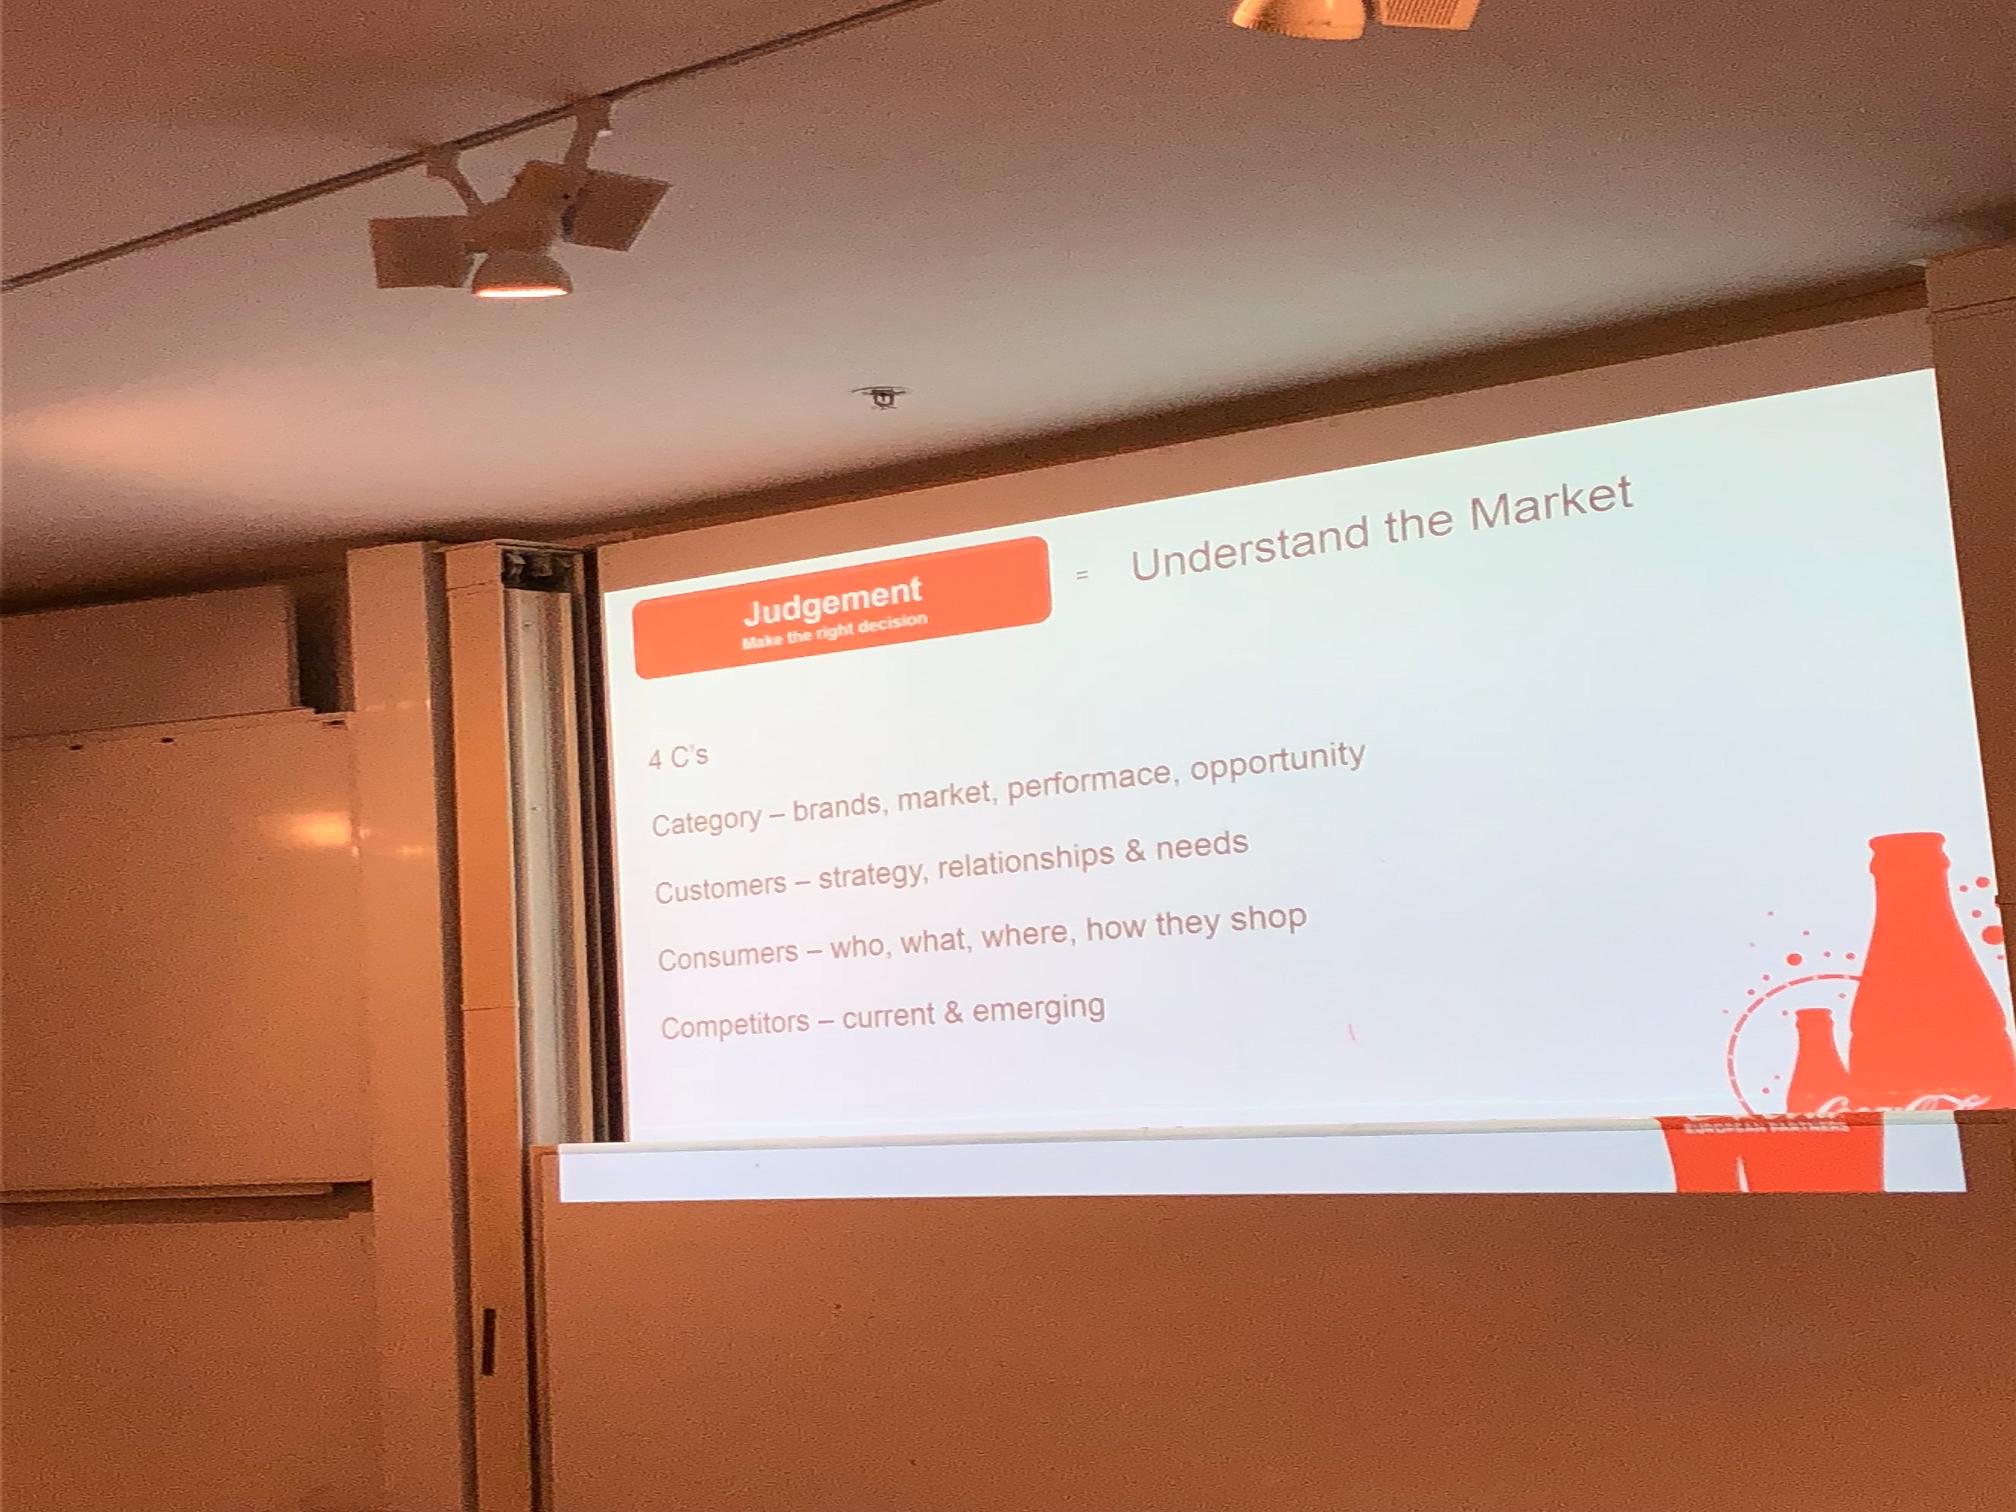 Cross-Cultural Management at Coca-Cola - Stockholm School of